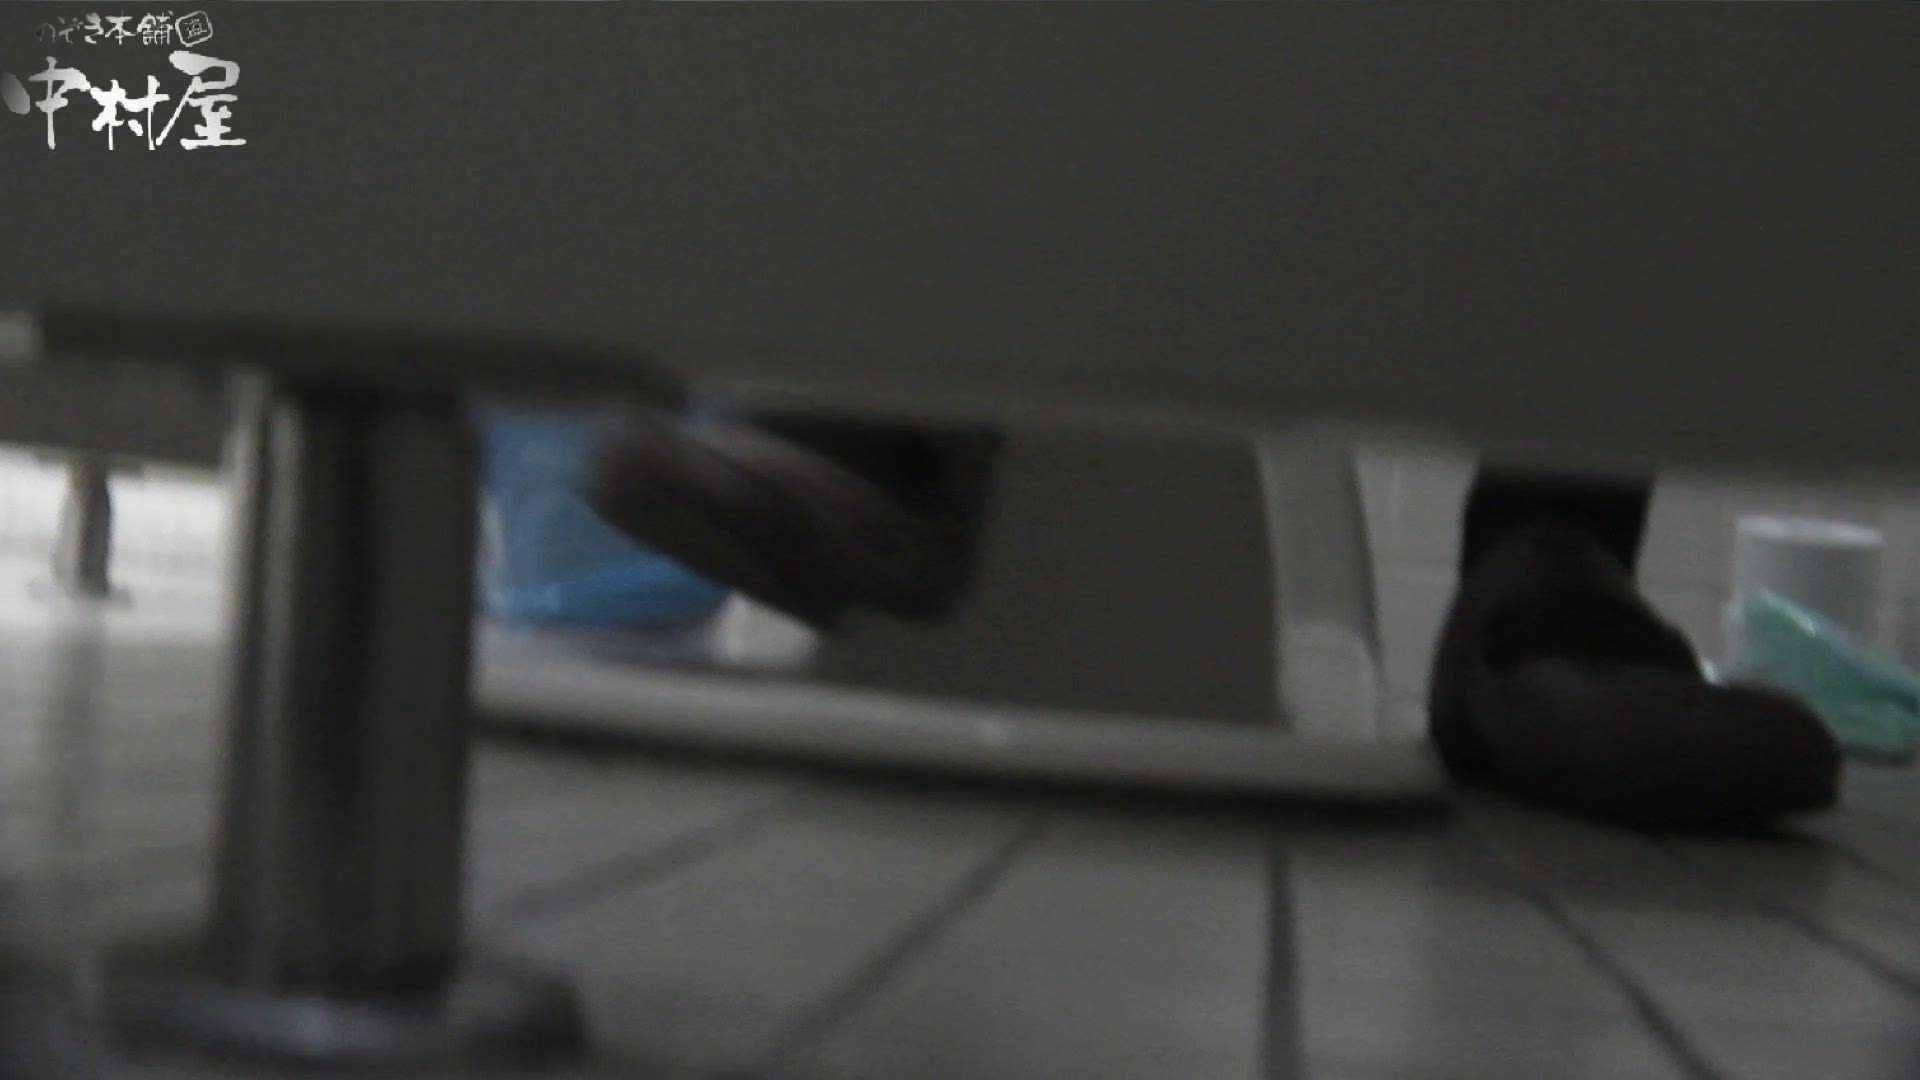 vol.32 命がけ潜伏洗面所! ポニテのケツ毛 洗面所突入 盗撮動画紹介 71pic 39